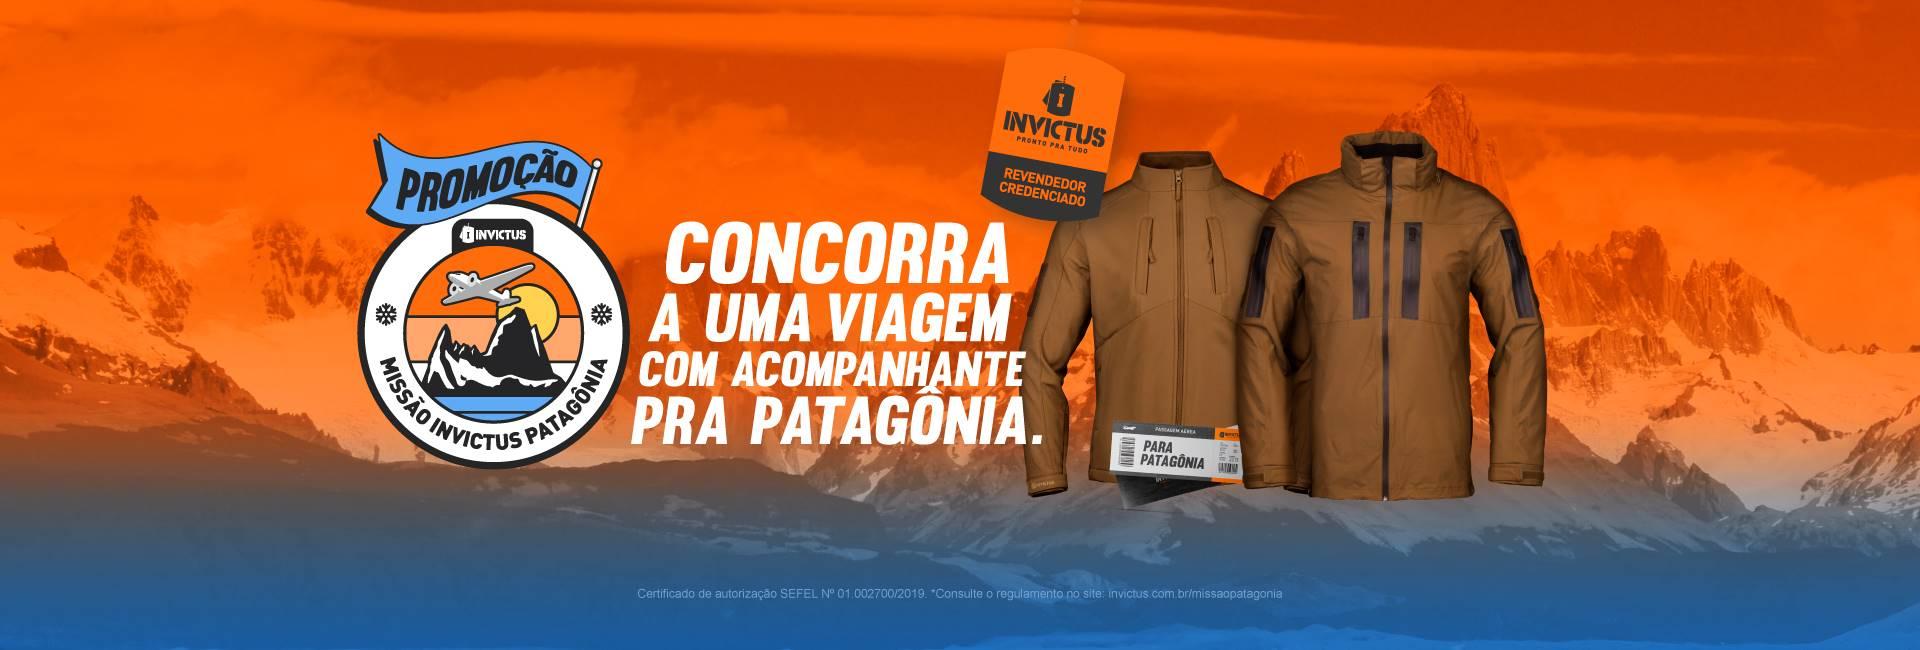 Campanha Missão Patagônia